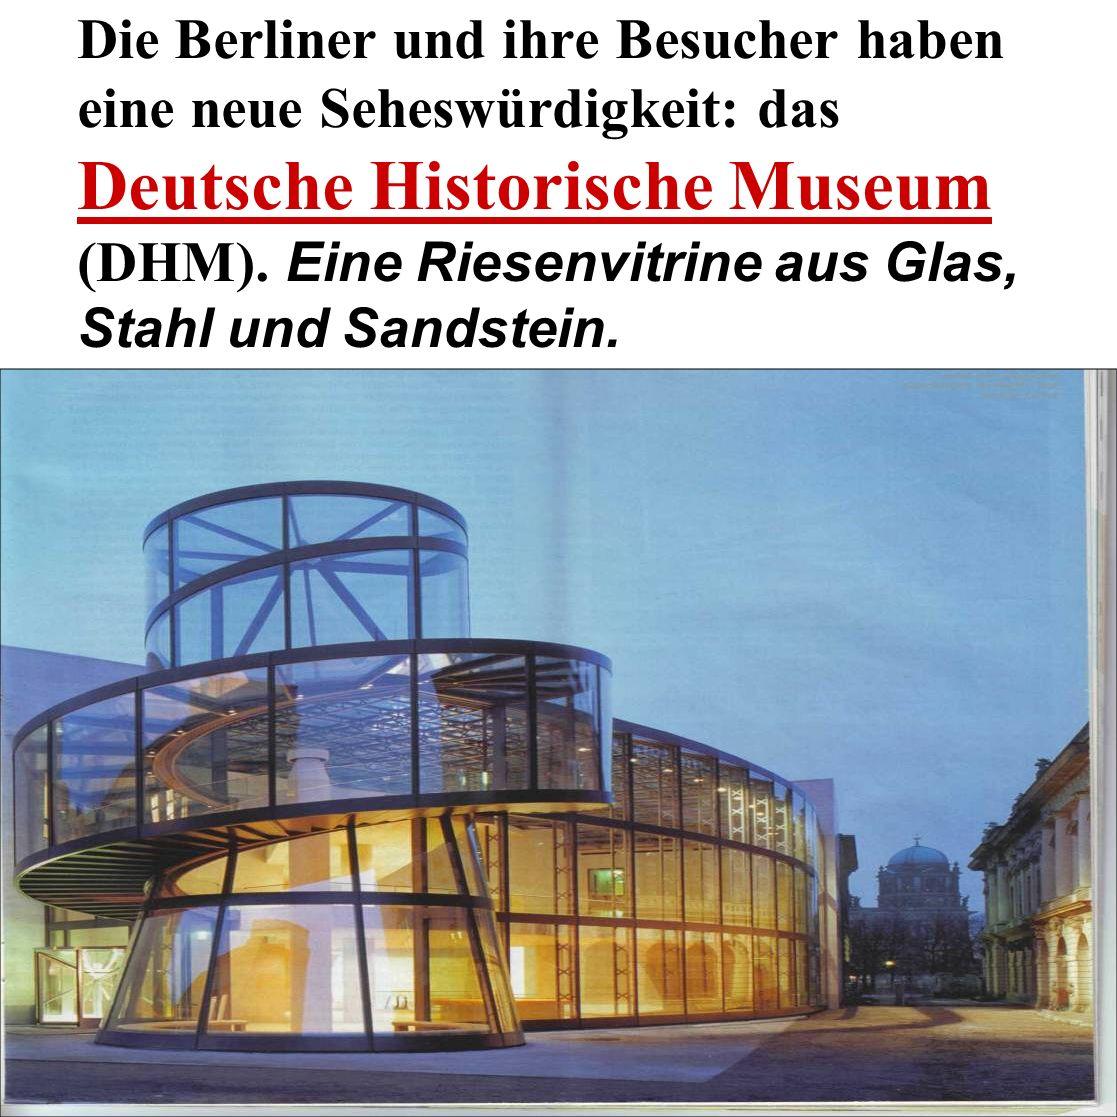 Die Berliner und ihre Besucher haben eine neue Seheswürdigkeit: das Deutsche Historische Museum (DHM).